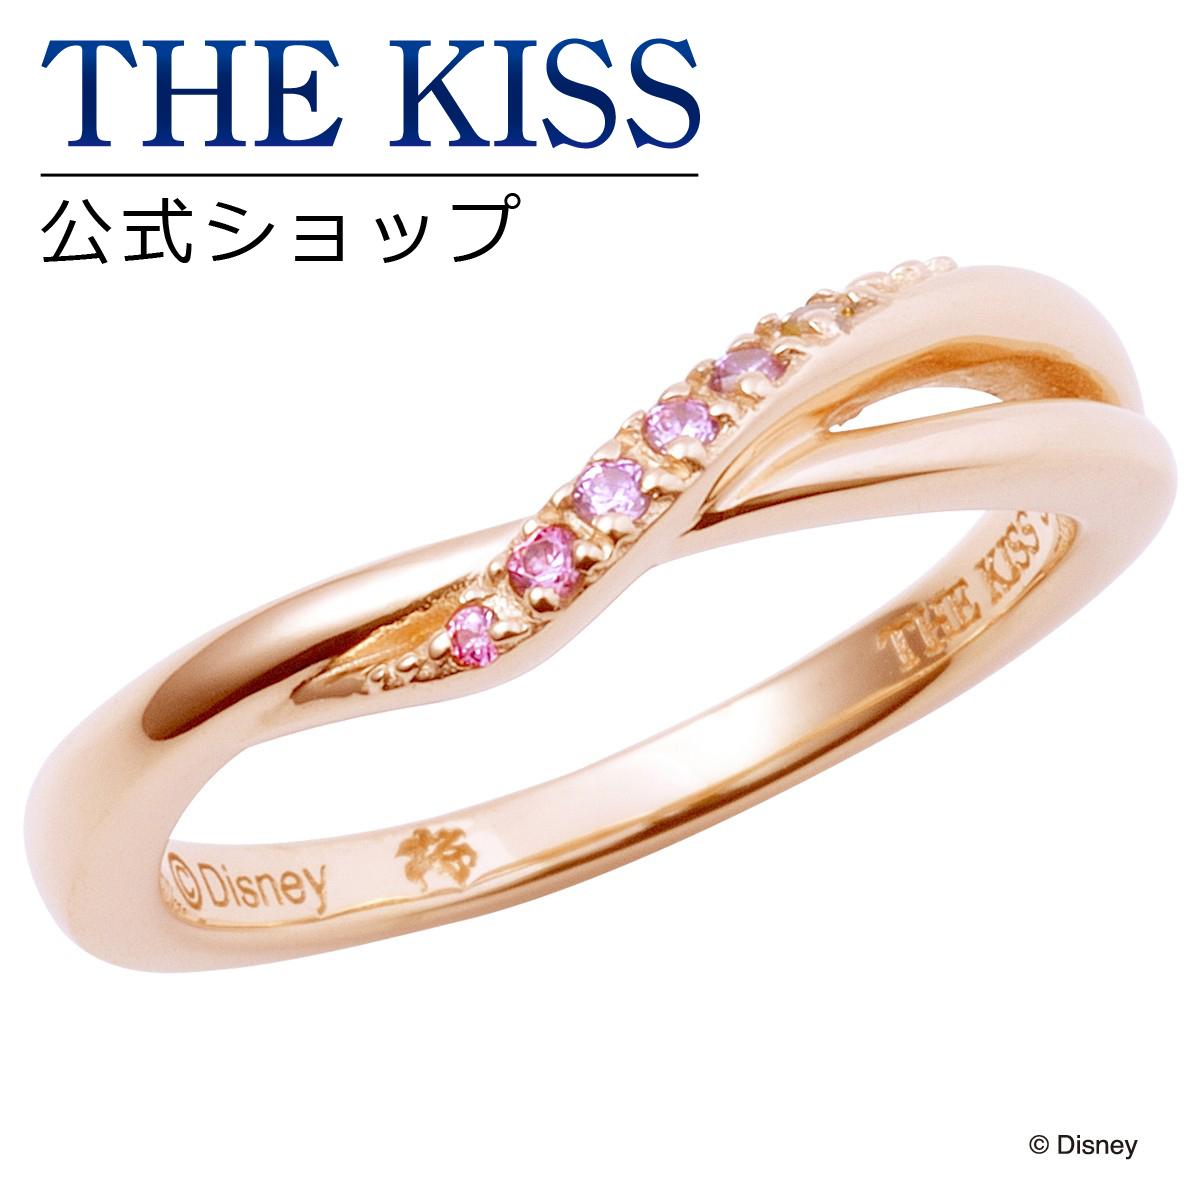 【あす楽対応】【ディズニーコレクション】 ディズニー / ペアリング / ディズニープリンセス ラプンツェル / THE KISS リング・指輪 シルバー (レディース 単品) DI-SR6025CB ザキス 【送料無料】